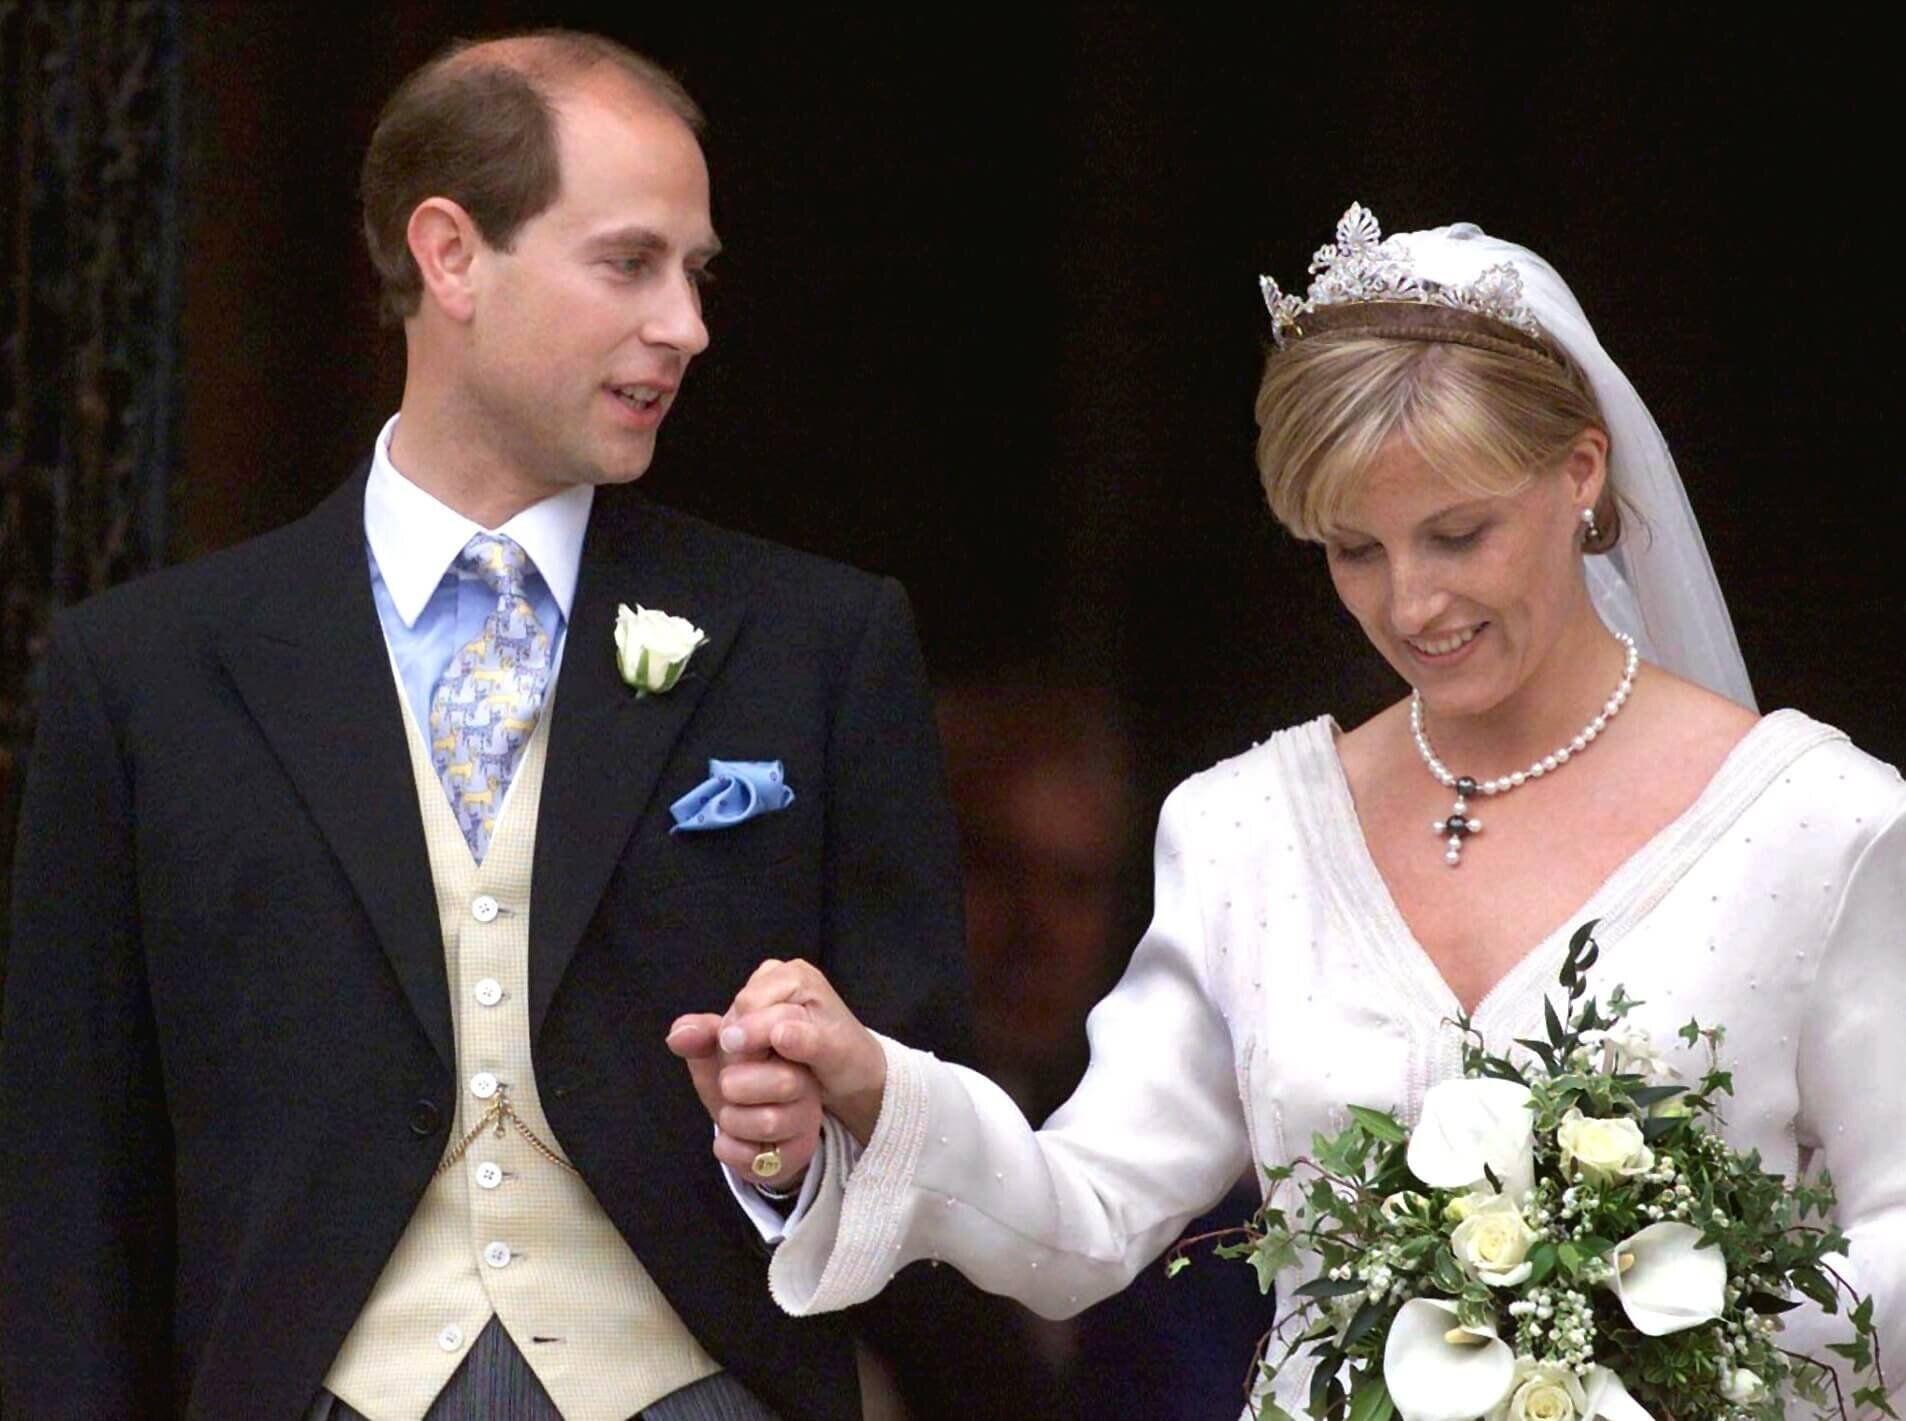 Prinz Edward Seine Schragsten Krawatten In 2020 15 Hochzeitstag Romantische Gesten Konigliche Familie